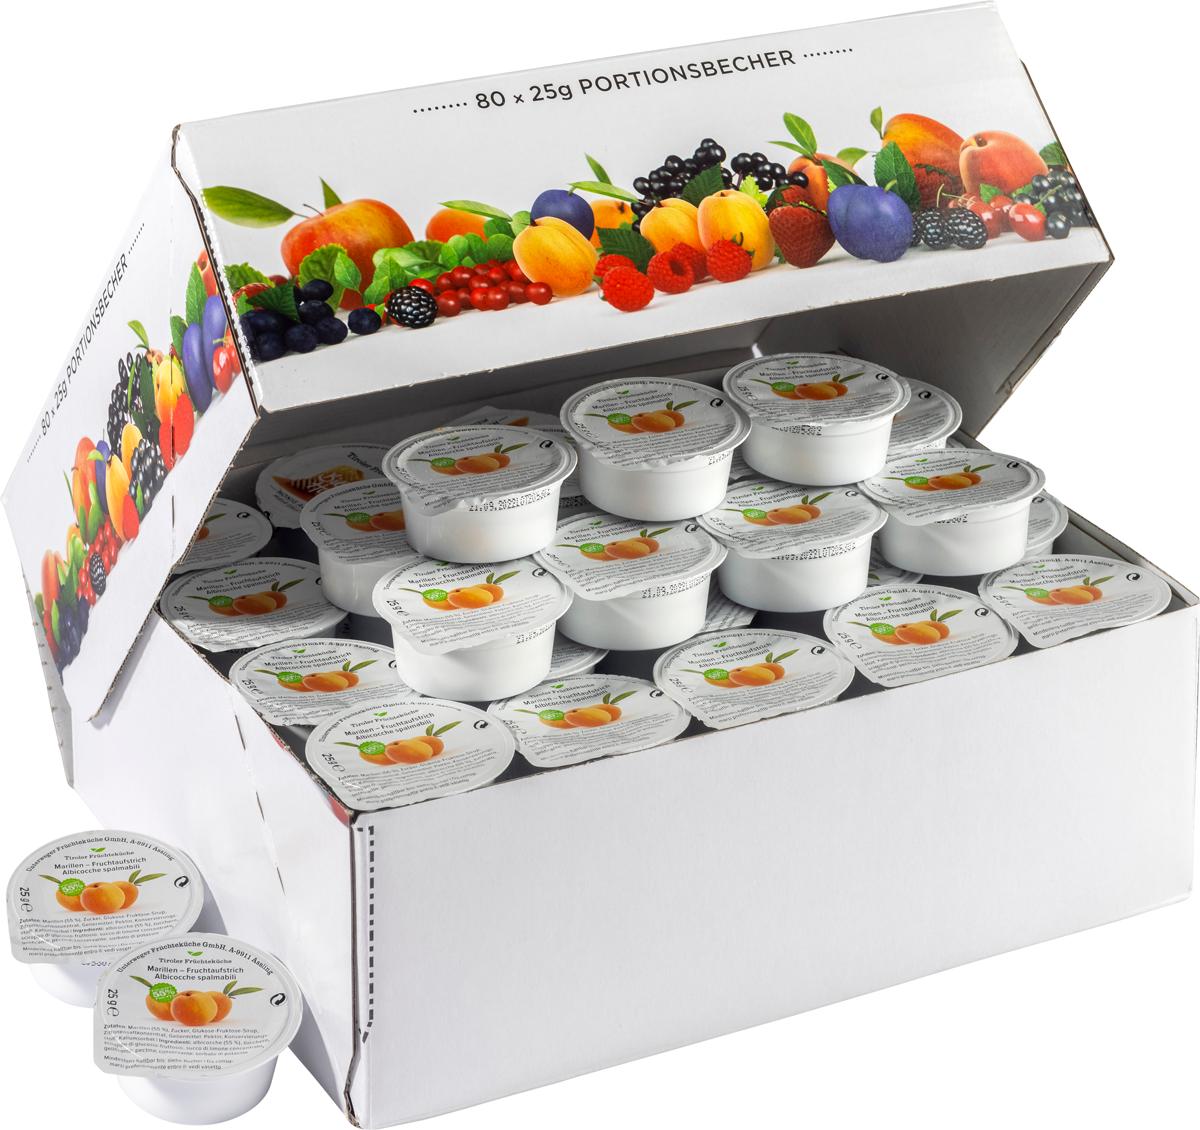 Marille Fruchtaufstrich im Portionsbecher - Karton zu 80 Stk